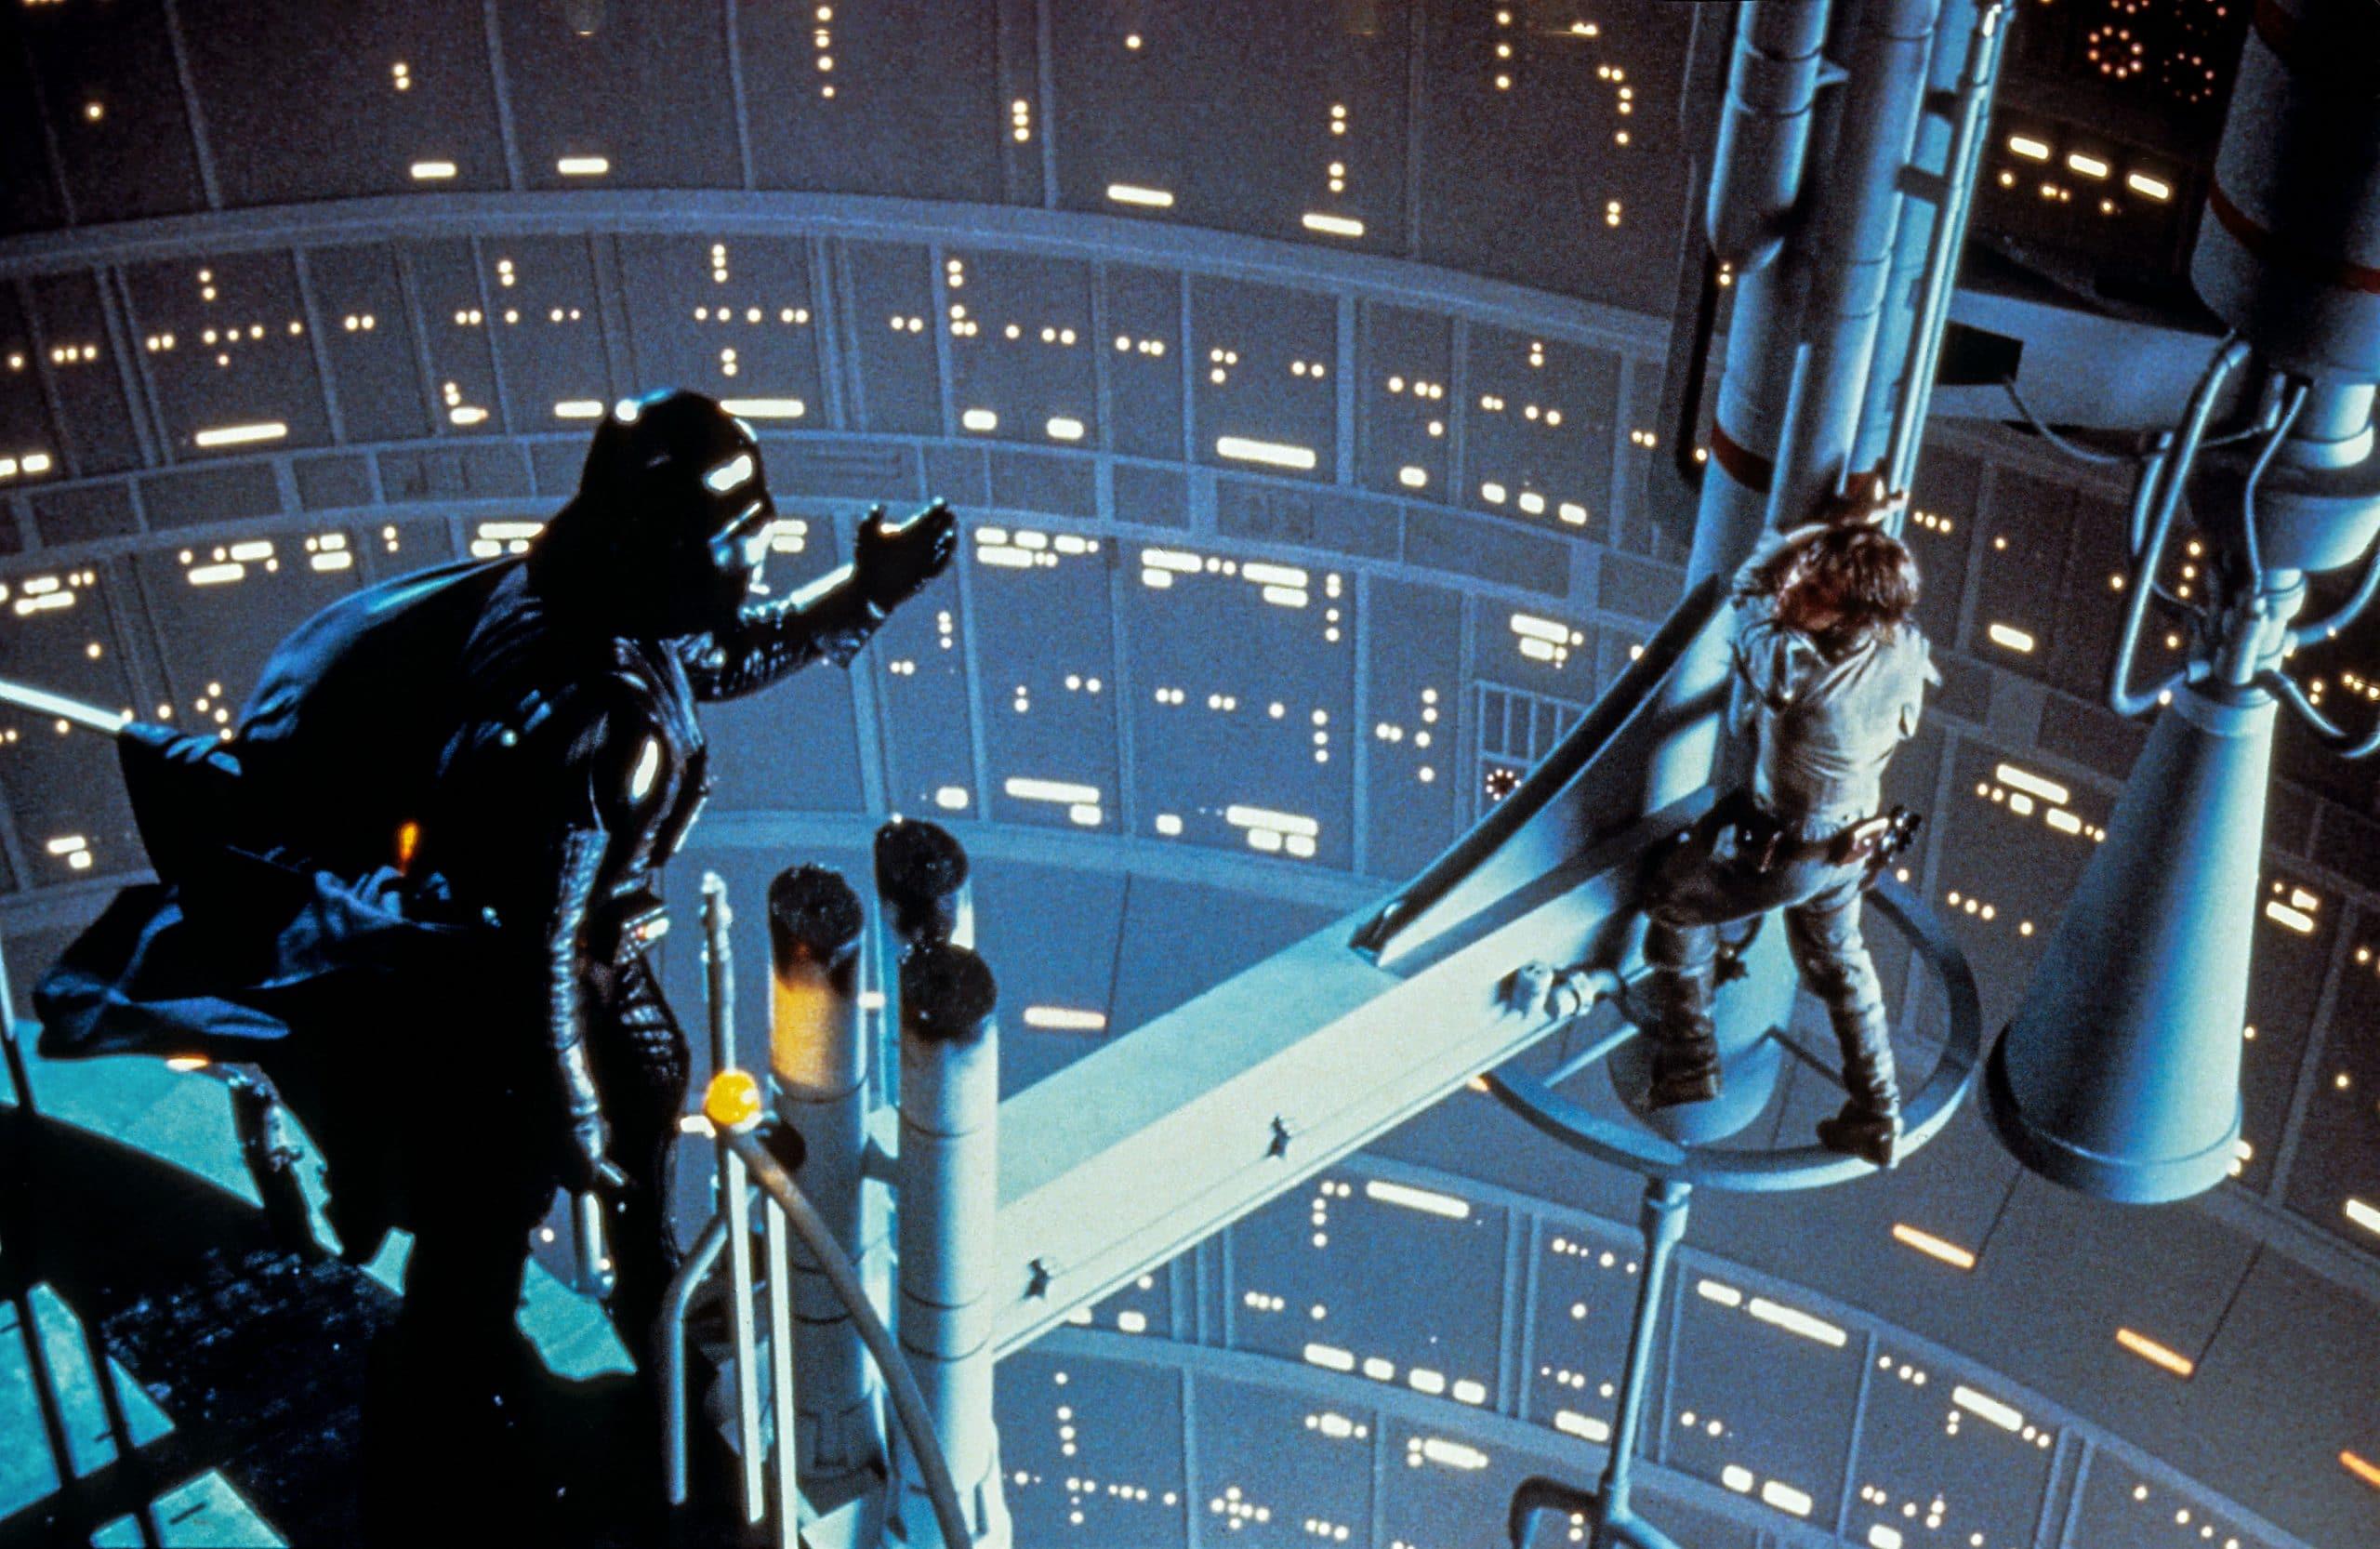 Darth Vader and Luke Skywalker star wars